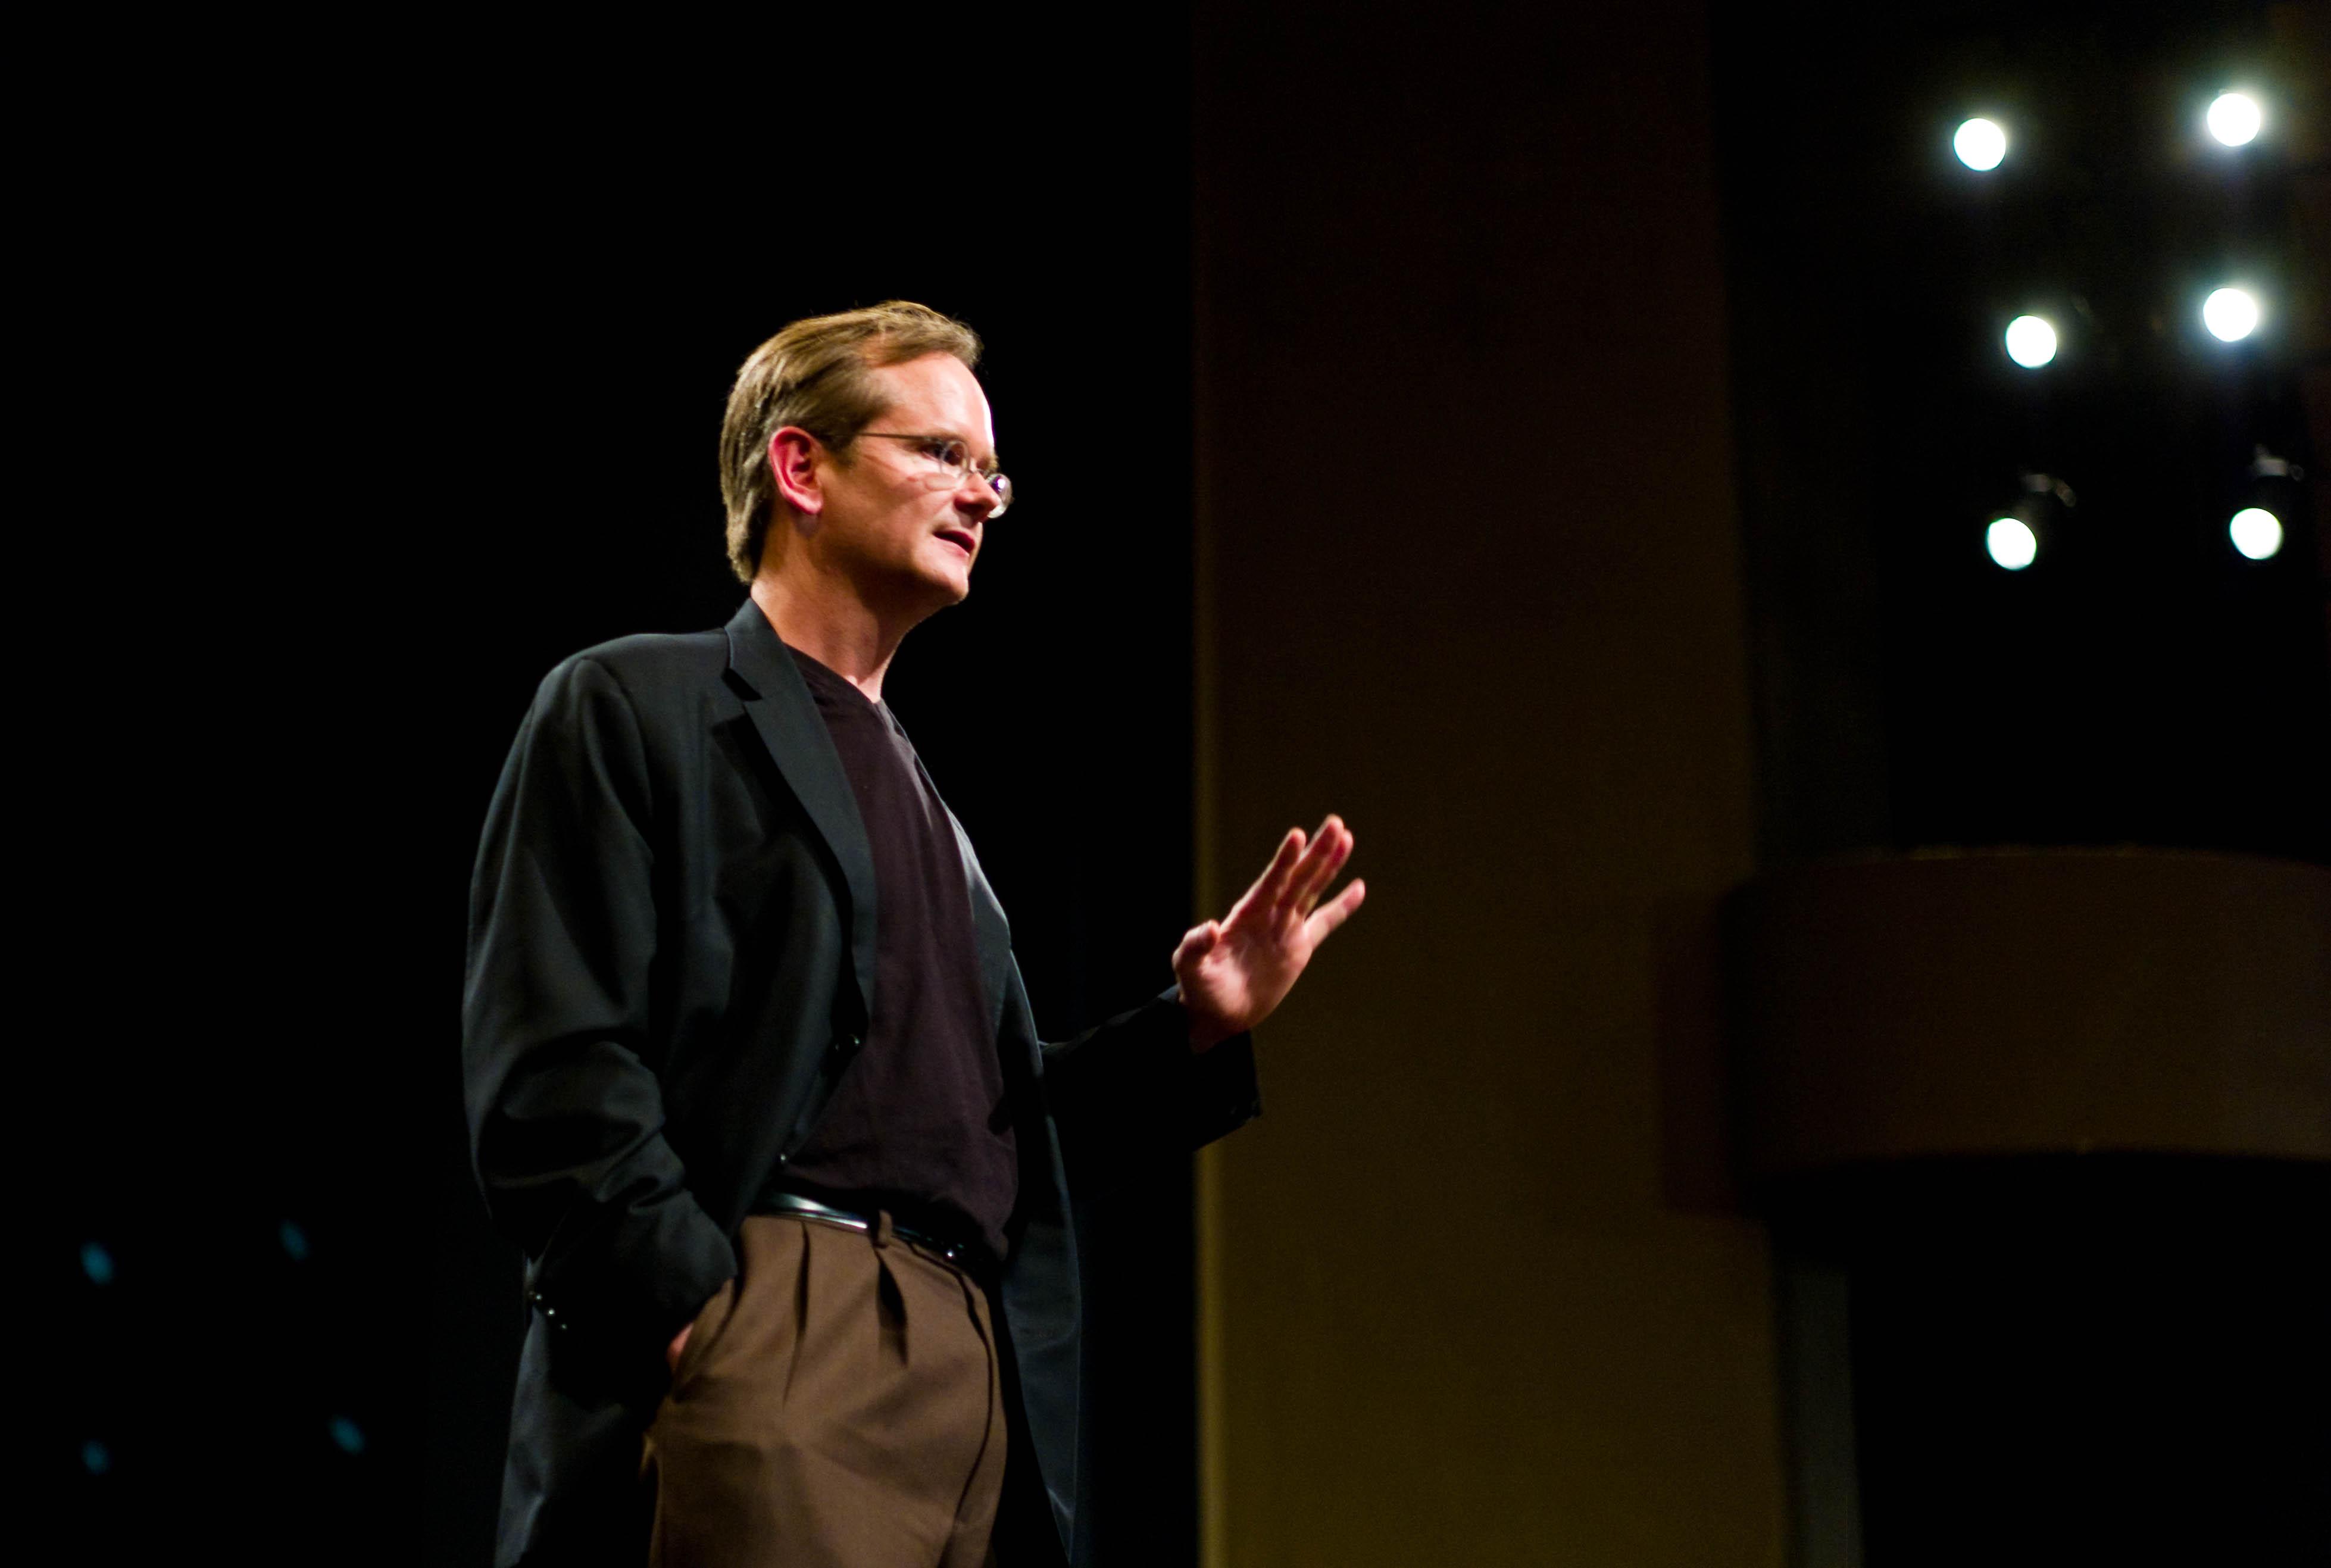 Larry Lessig lance une sorte campagne de crowdfunding pour financer son Super PAC pour la démocratie